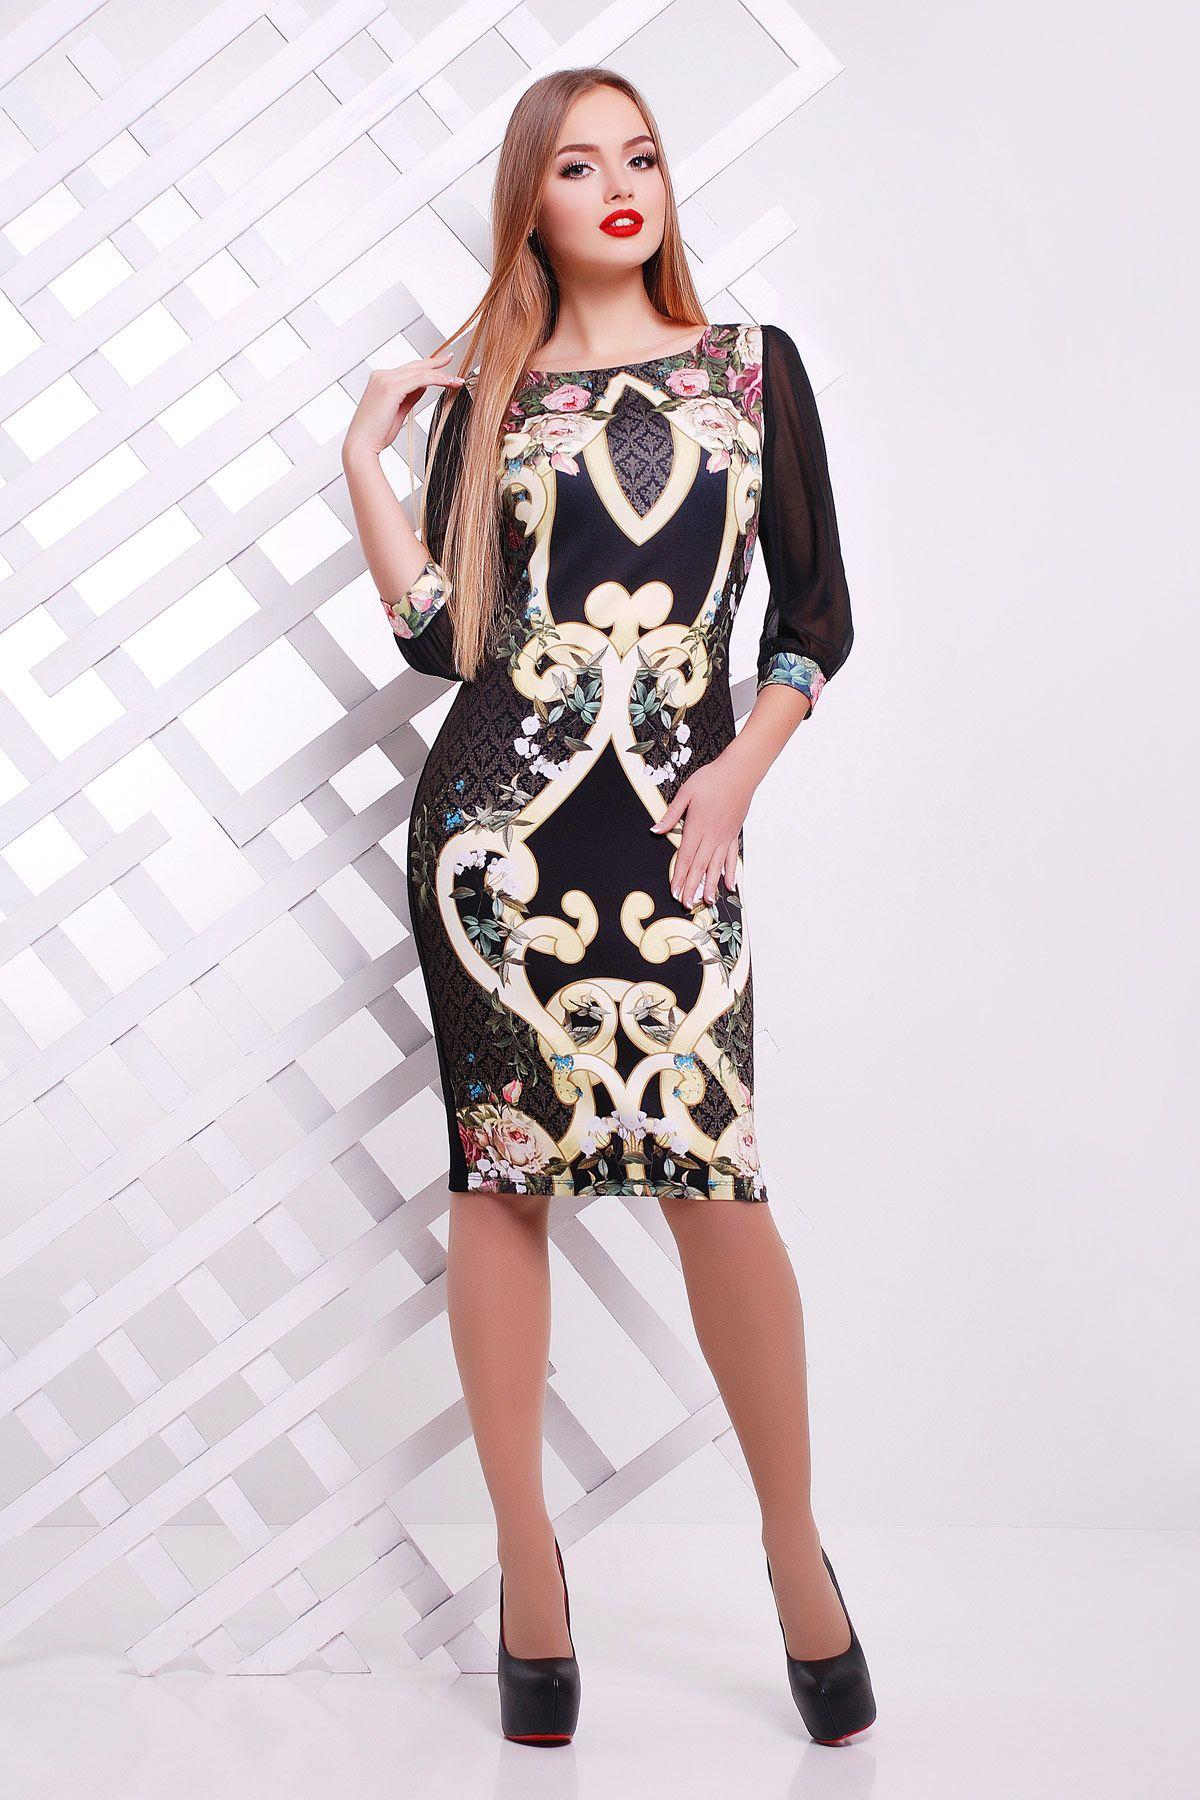 f262d6ef69b Облегающее платье черного цвета на весну-лето с принтом на полочке. Золотой  узор платье Лоя-2Ф (шифон) д р. Цвет  черный